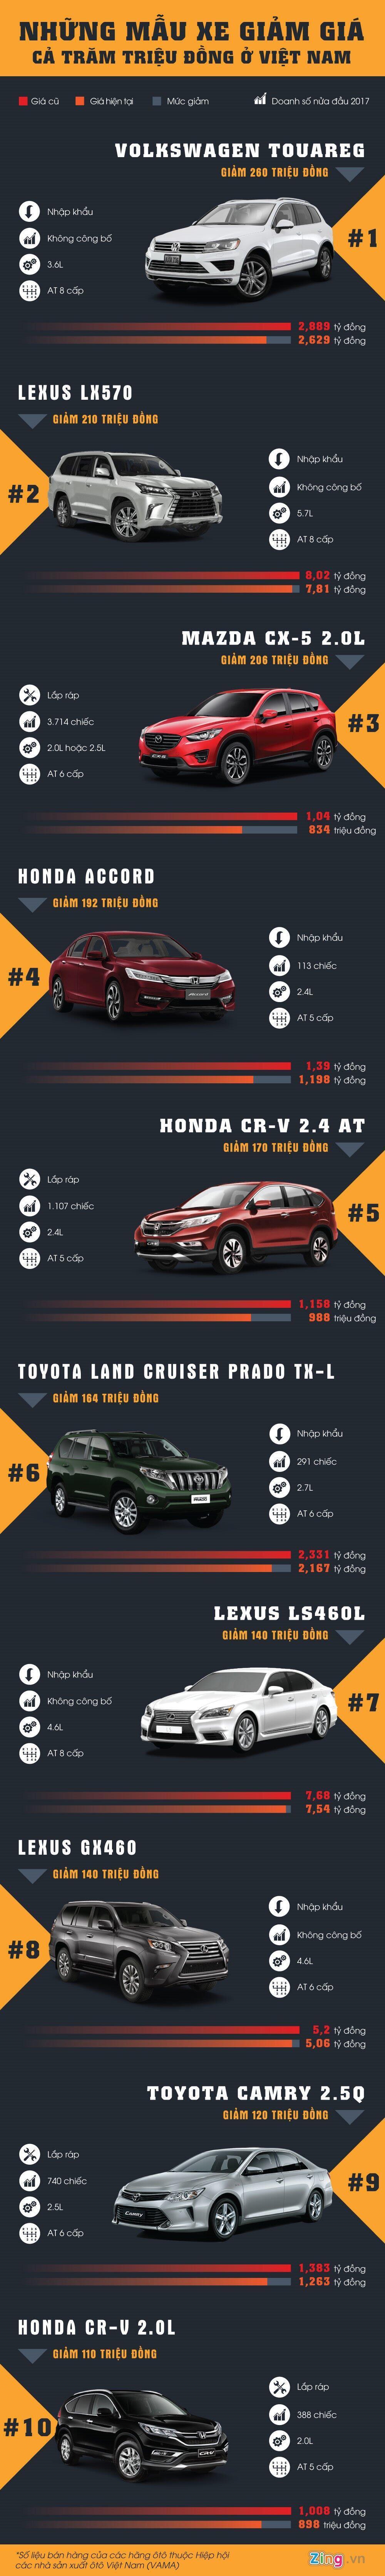 10 ôtô giảm giá mạnh nhất ở Việt Nam từ đầu 2017 - Hình 1